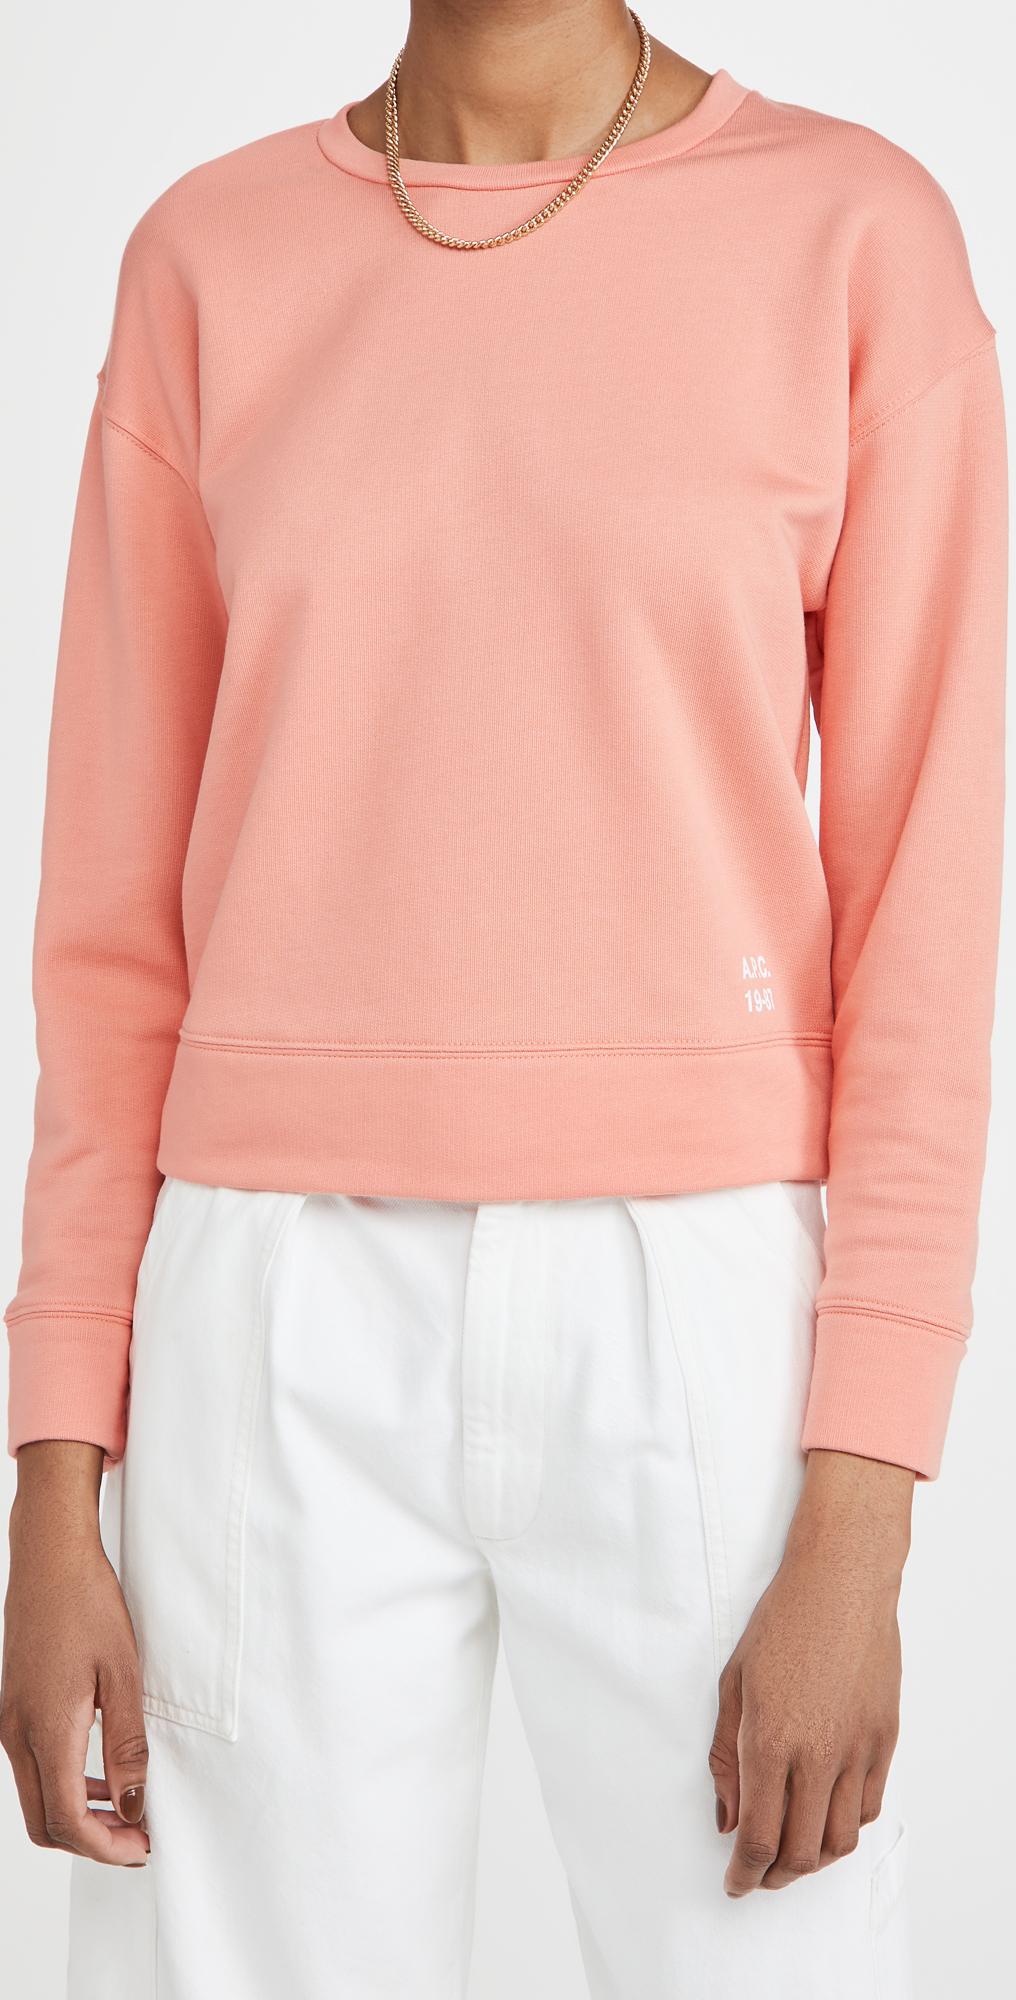 A.P.C. Rosie Sweatshirt